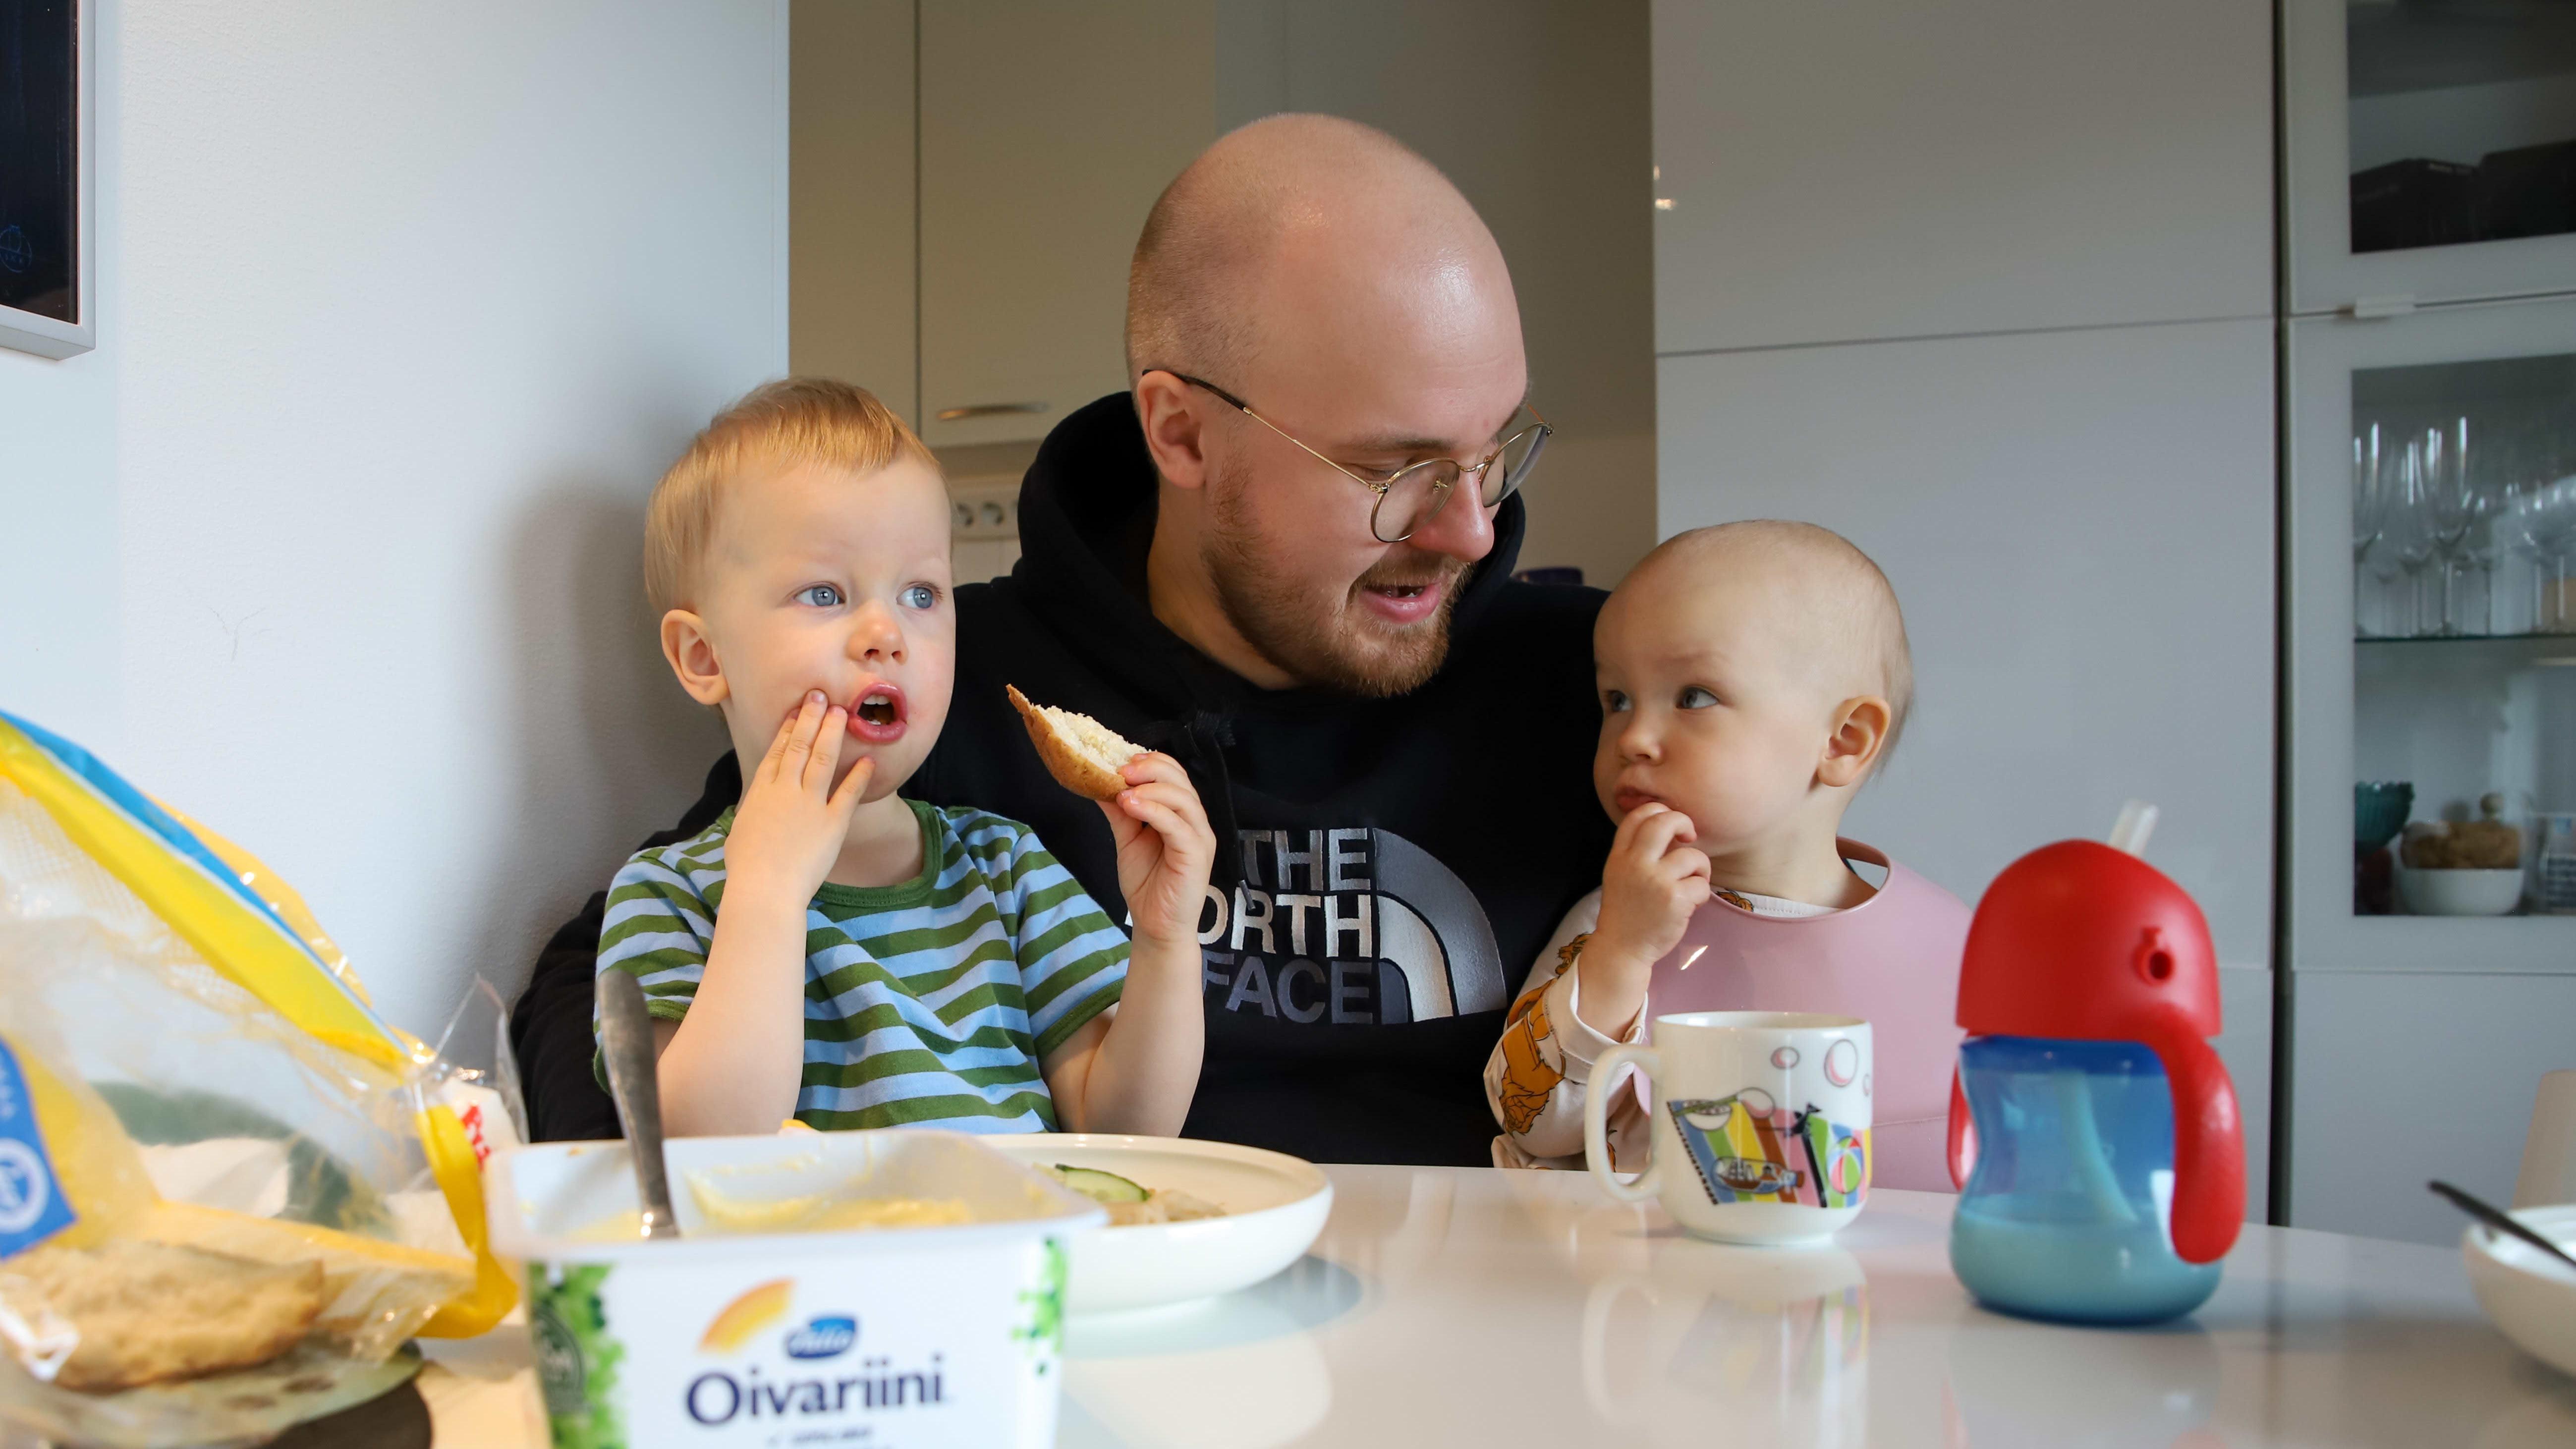 Torniolainen Atte Tolonen istuu ruokapöydän ääressä lastensa Paulin ja Maikin kanssa. He syövät leipää.